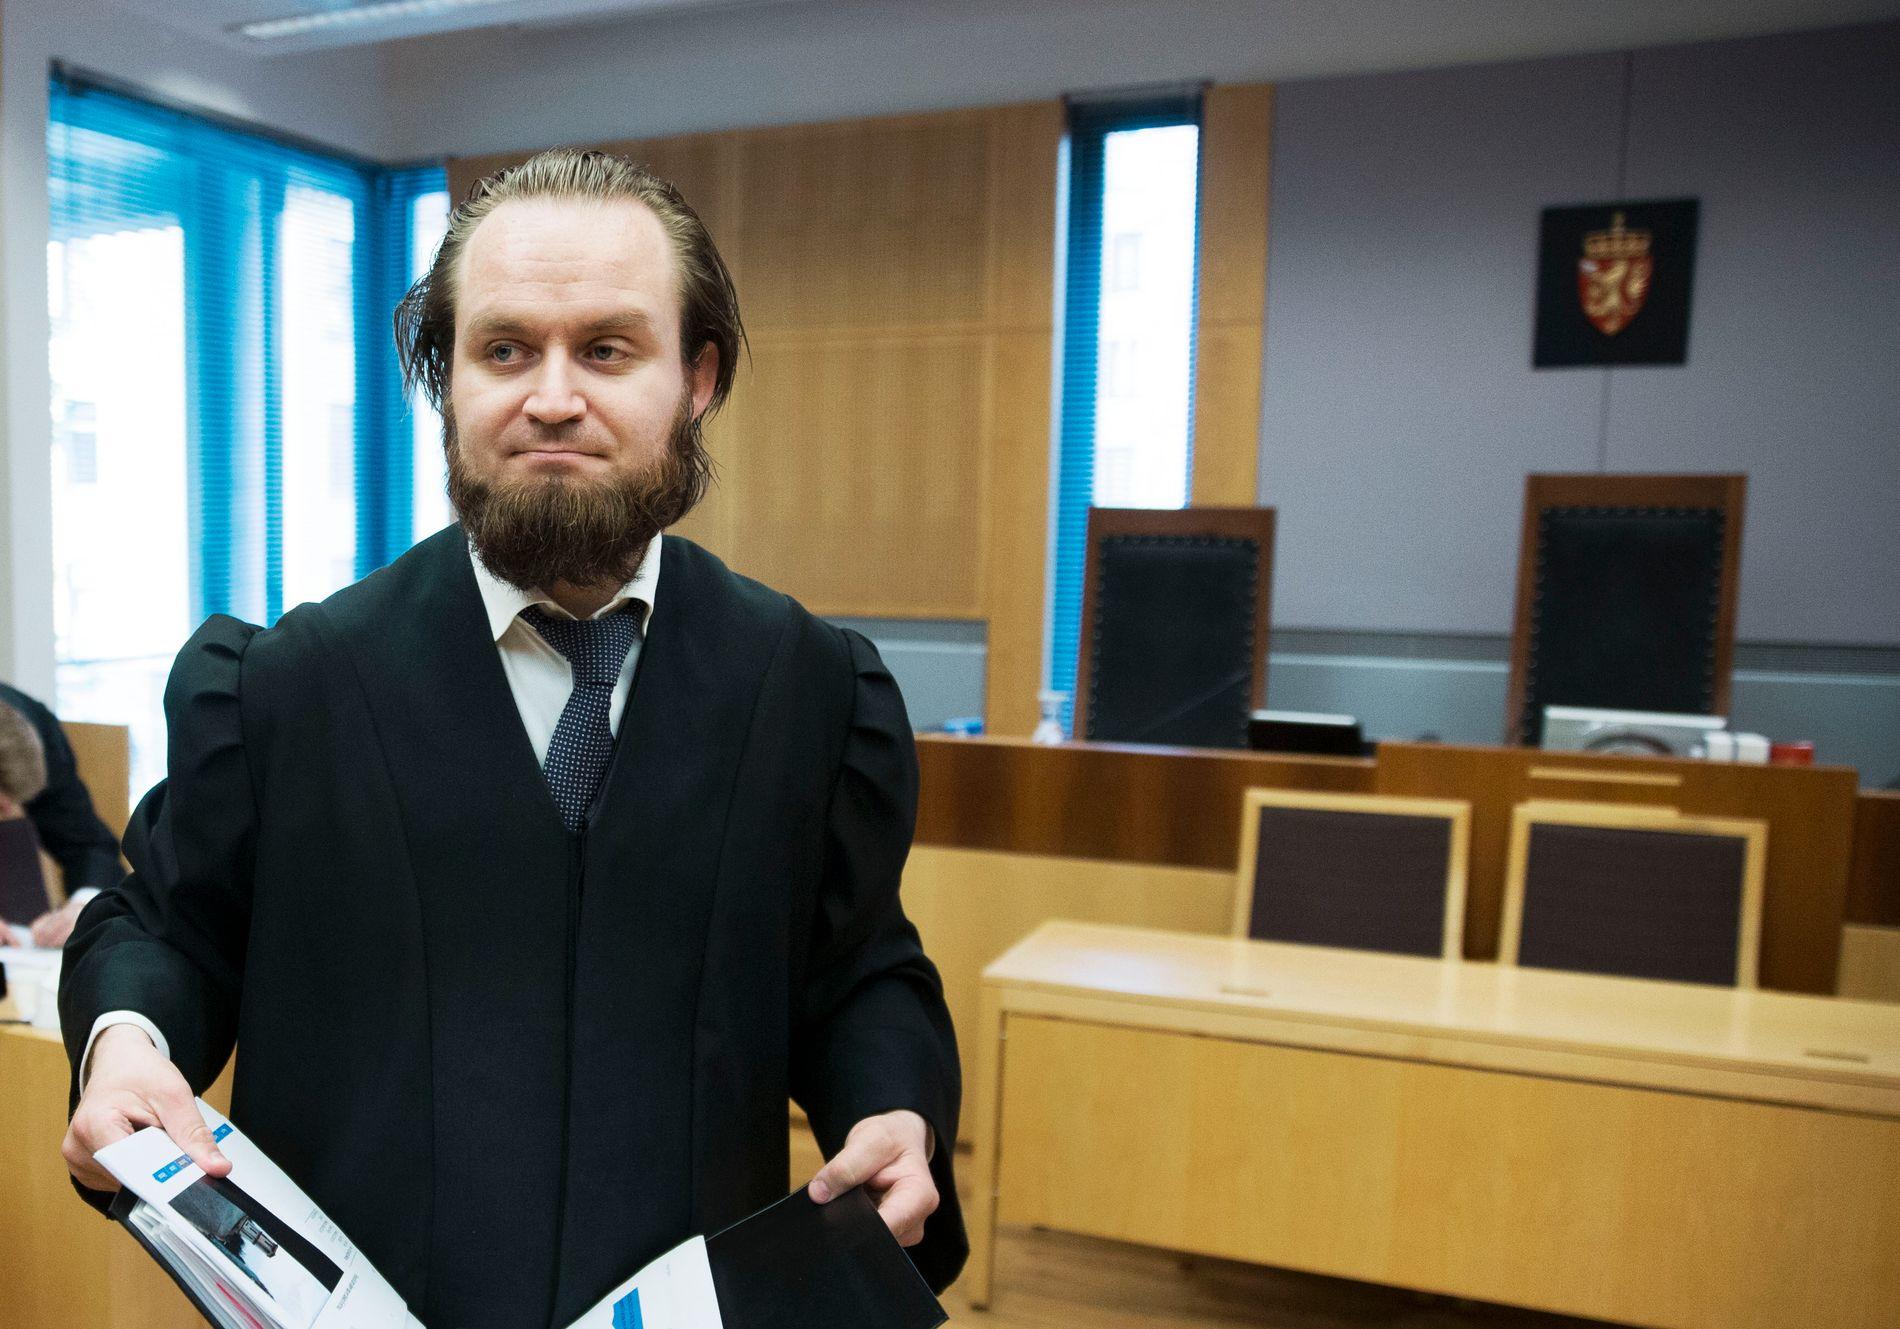 TILFREDS: Advokat Nils Christian Nordhus er oppnevnt som forsvarer for den etterlyste franskmannen. Nordhus mener det er fortjent at klienten endelig kan få tilbake friheten.